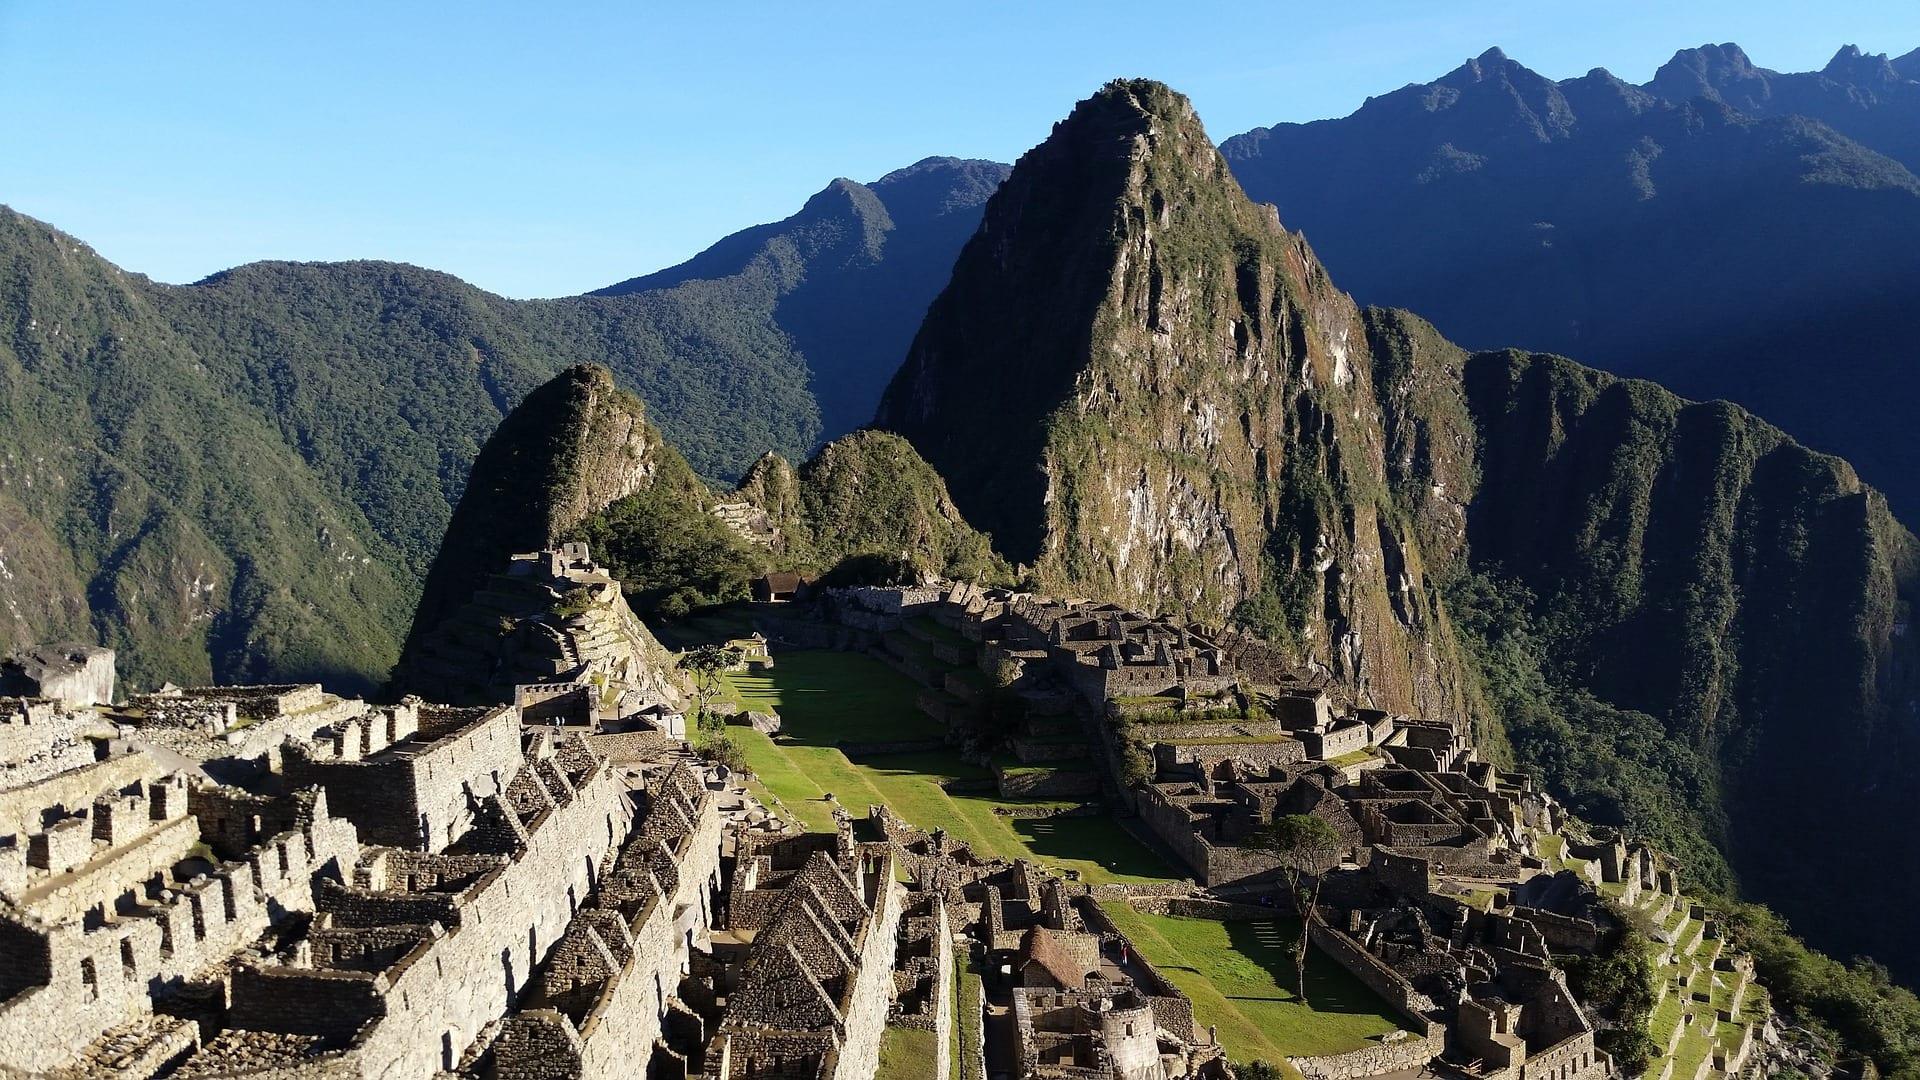 Machu Picchu - O que é, onde fica e curiosidades sobre a Cidade Sagrada